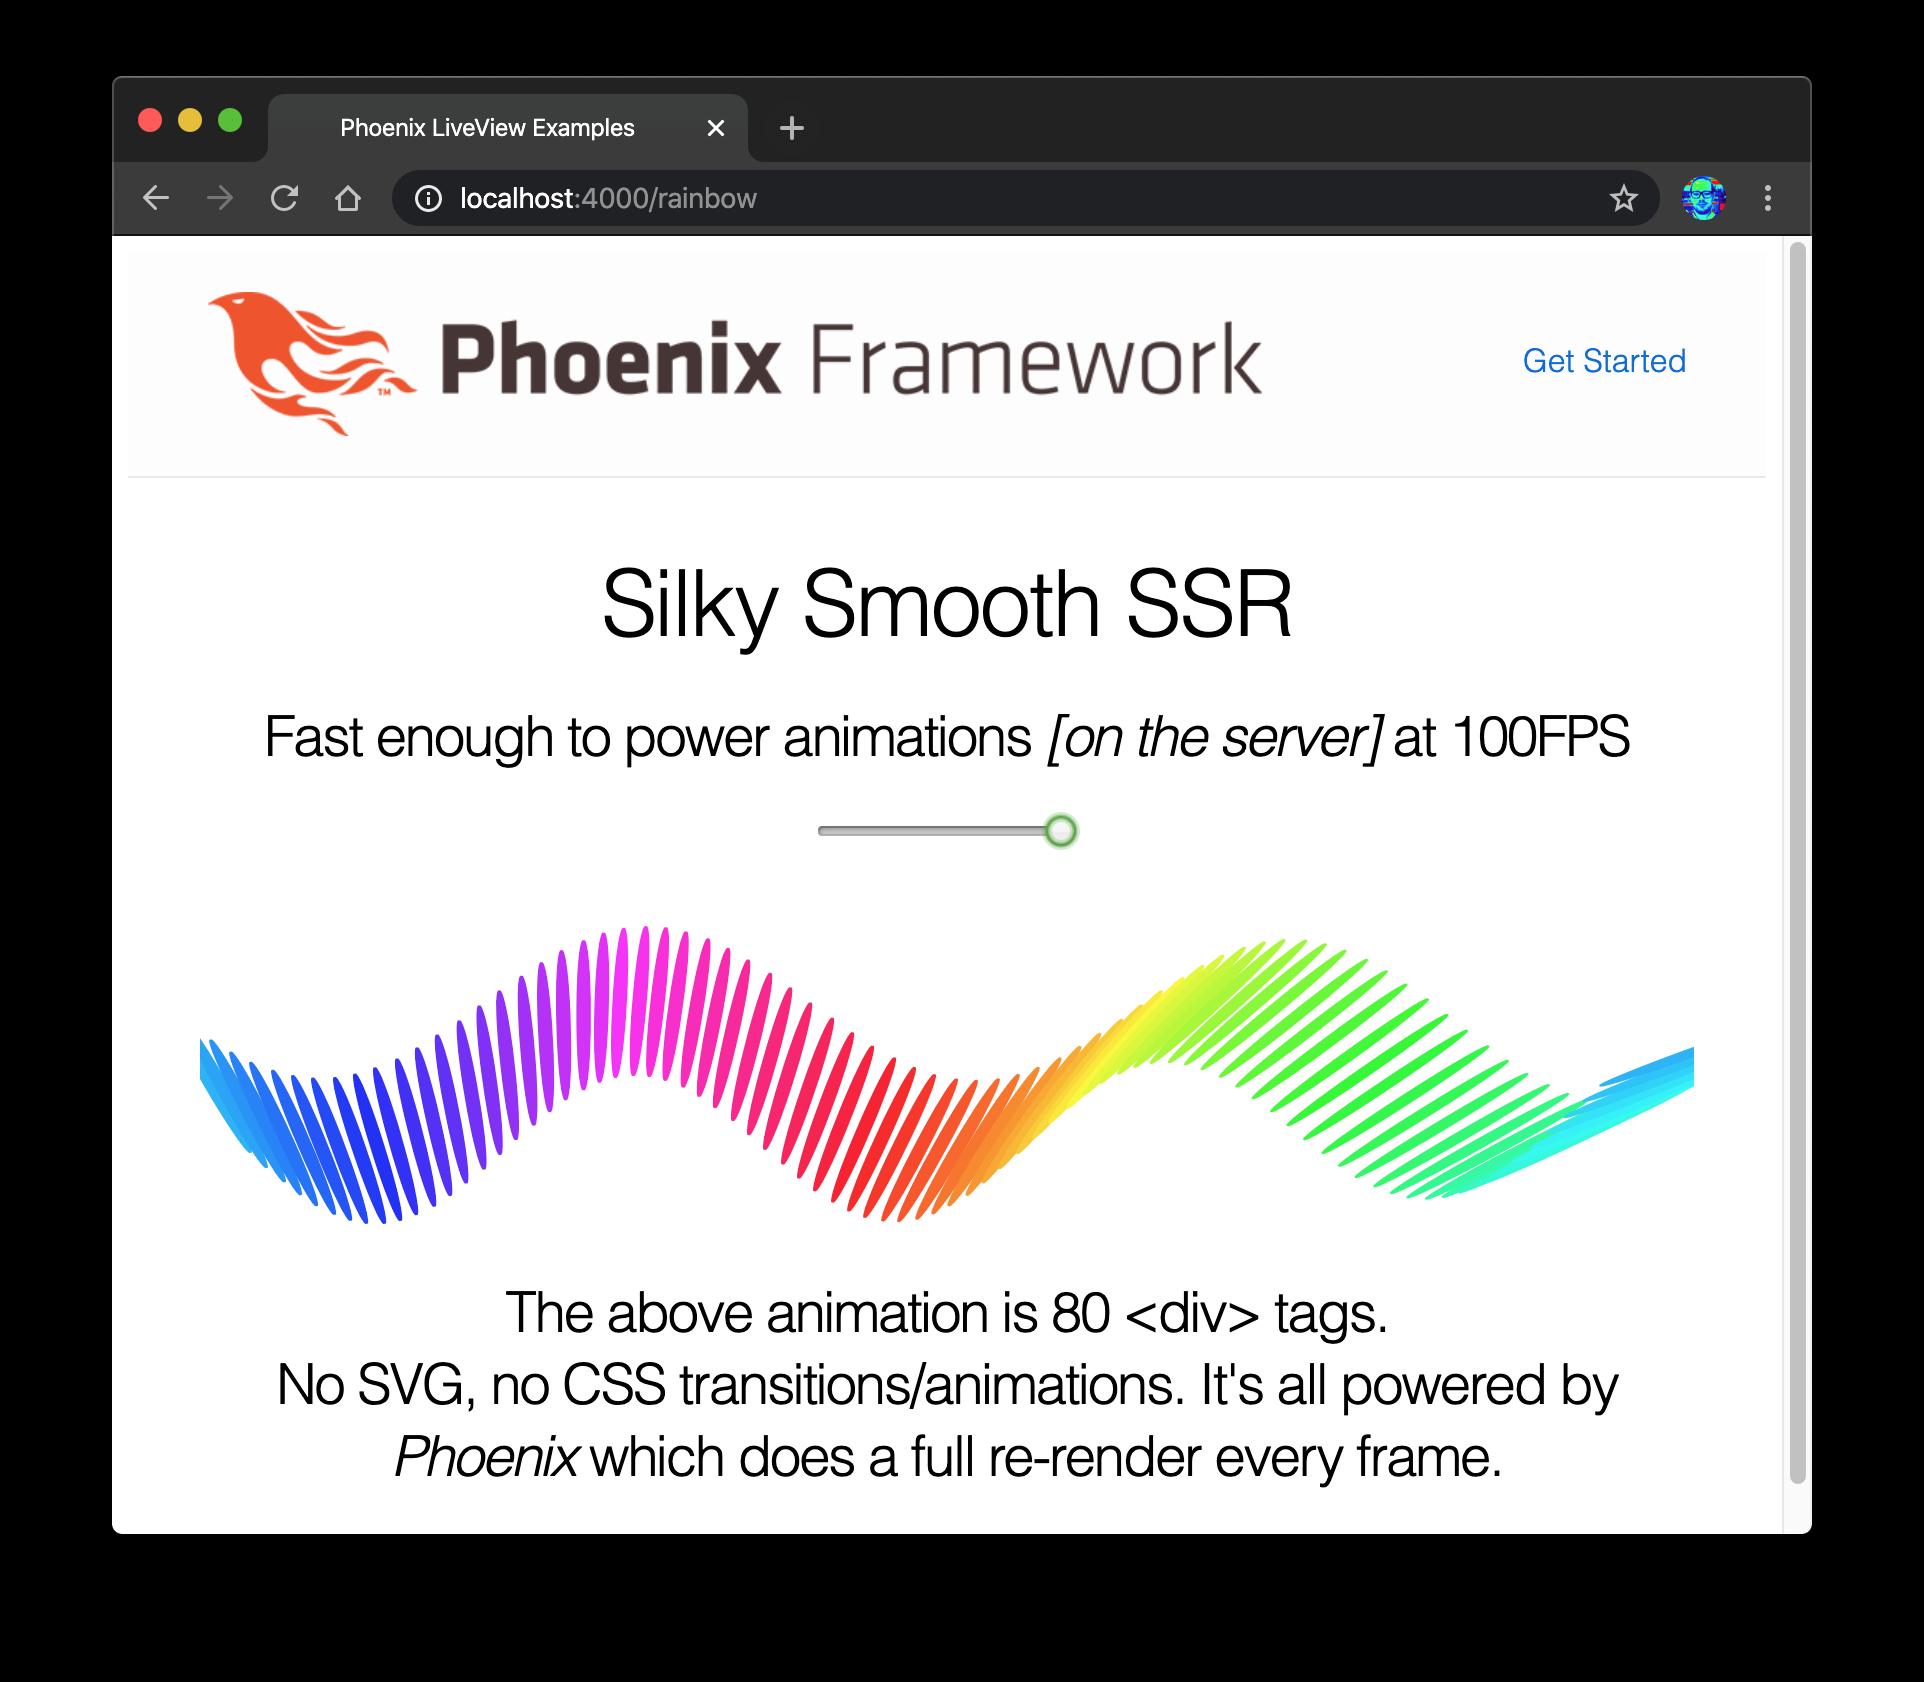 chris-phoenix-live-view-example-rainbow